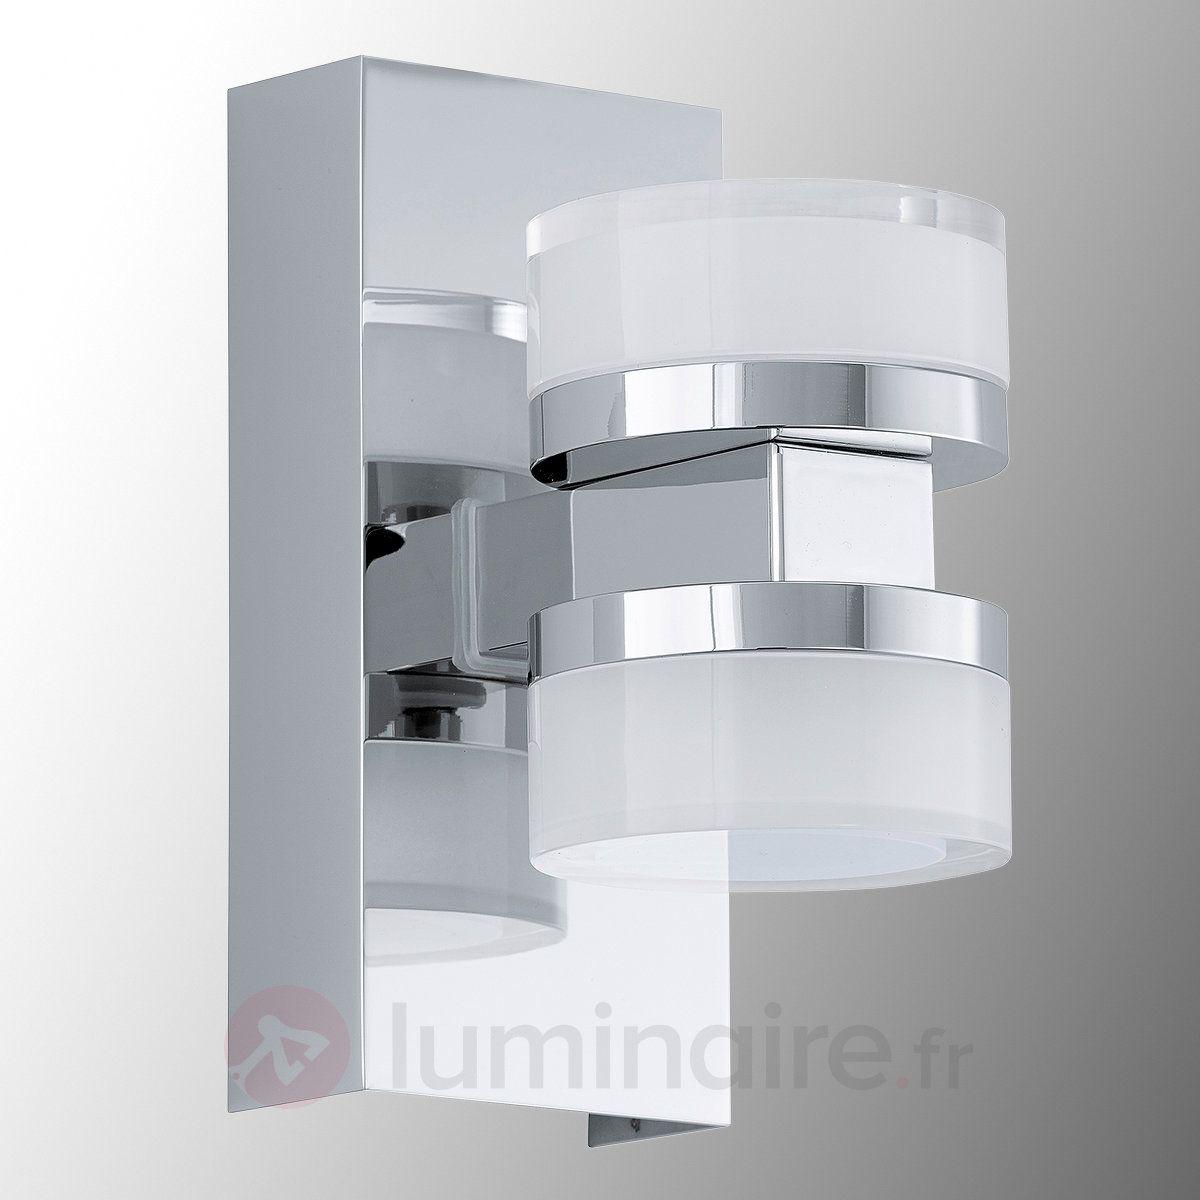 Applique LED Romendo protection éclaboussures